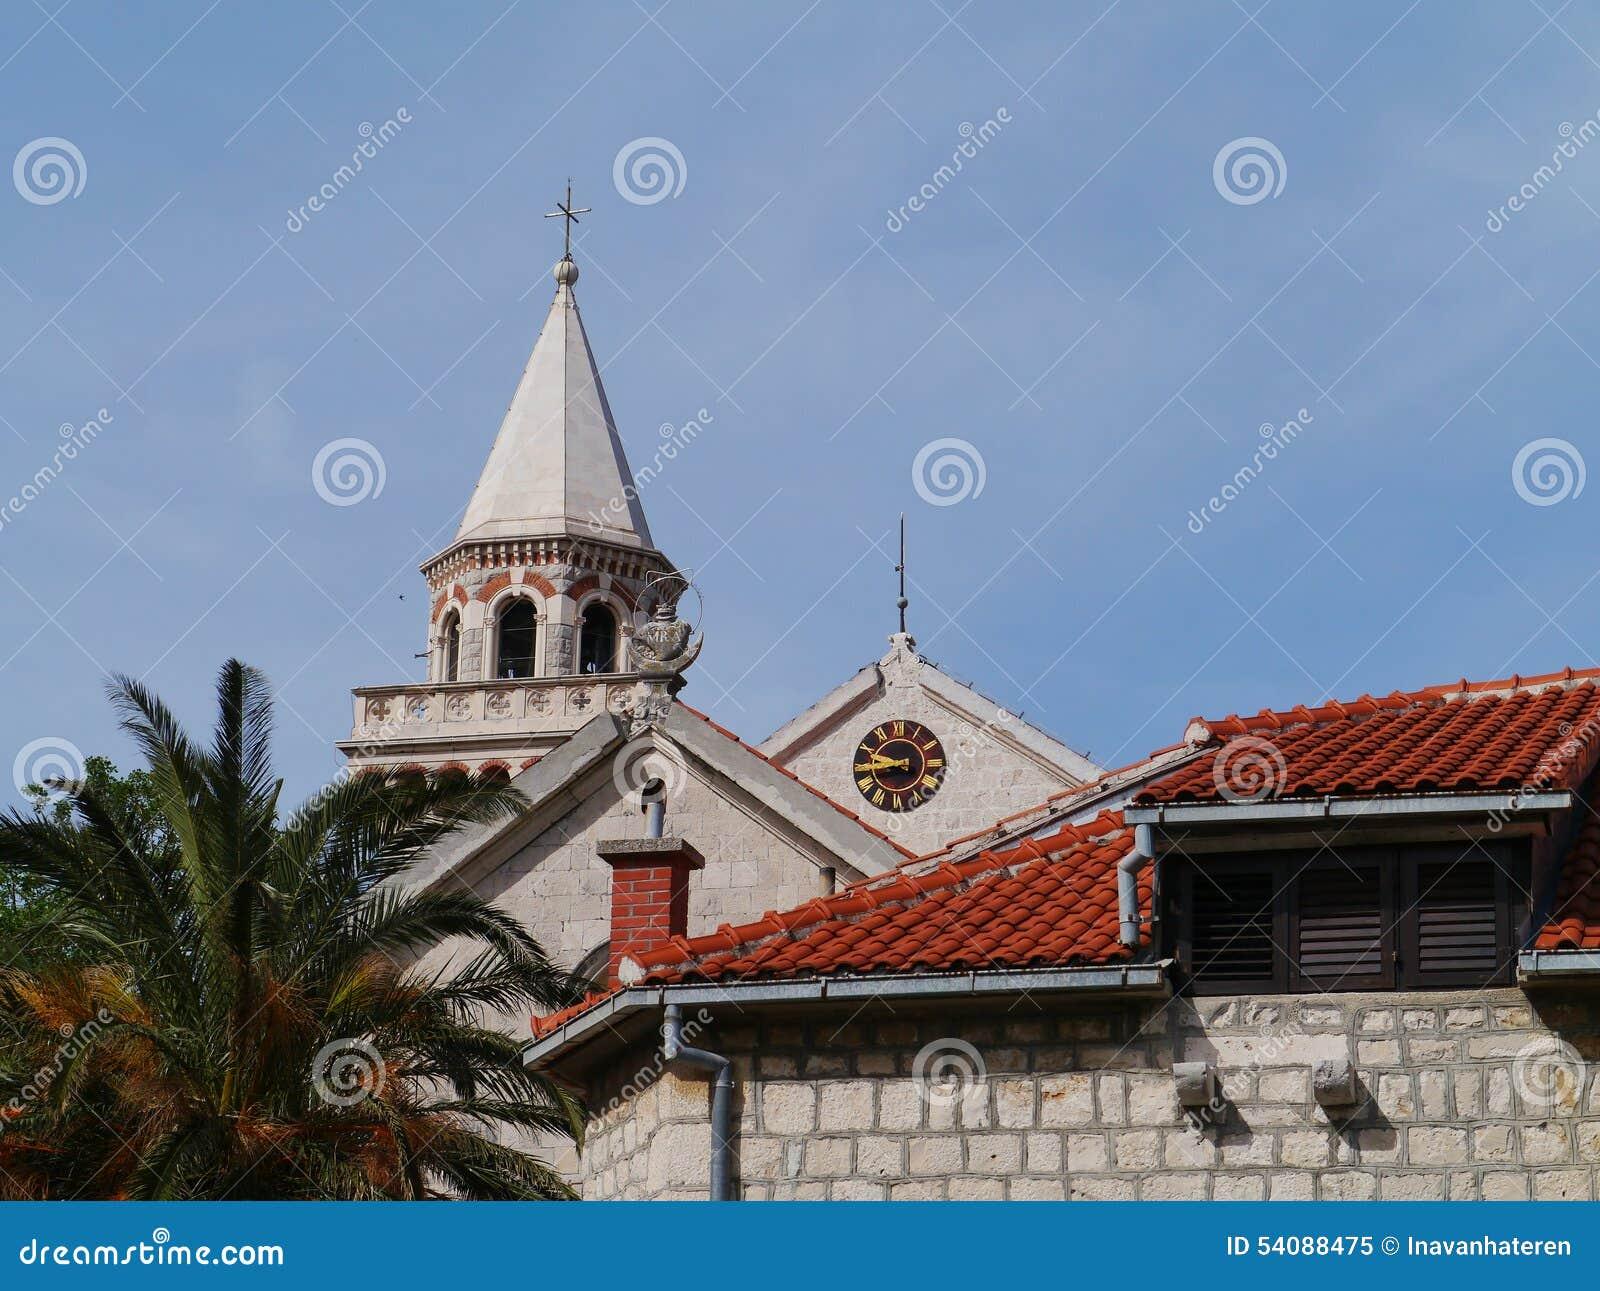 De toren van de kerk van Kastel Stafilic in Kroatië